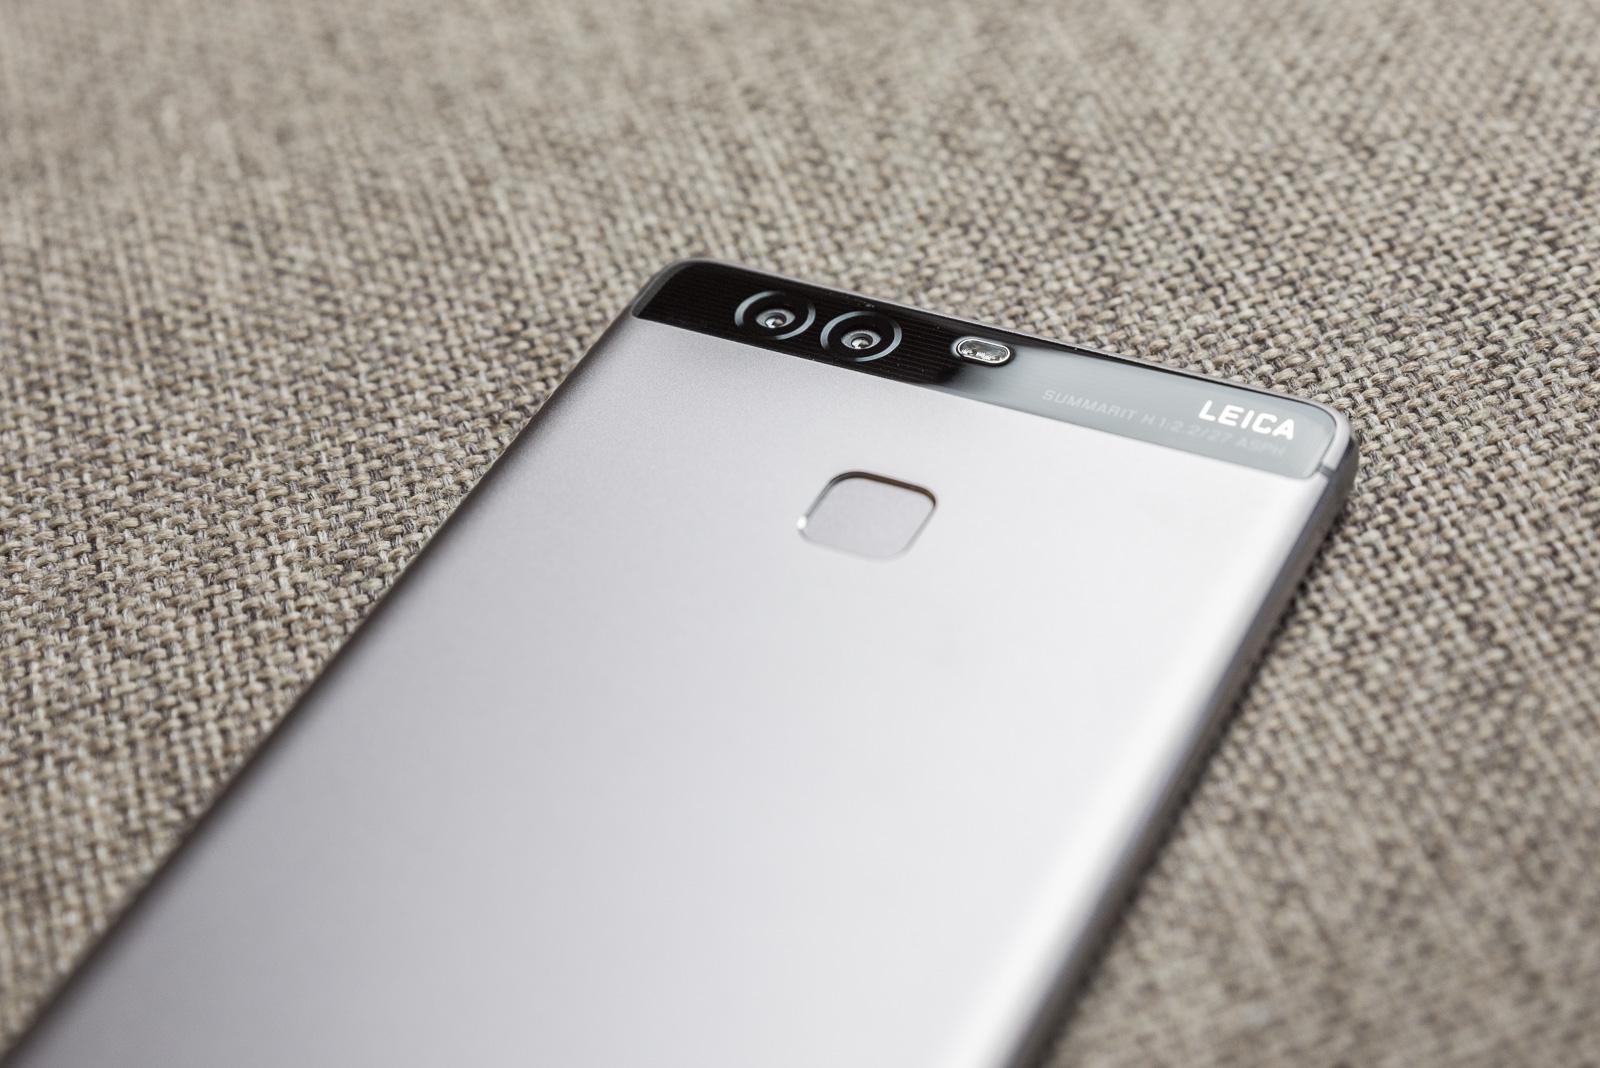 Po kilku dniach z Huawei P9 jestem zupełnie oczarowany. No i ten aparat!